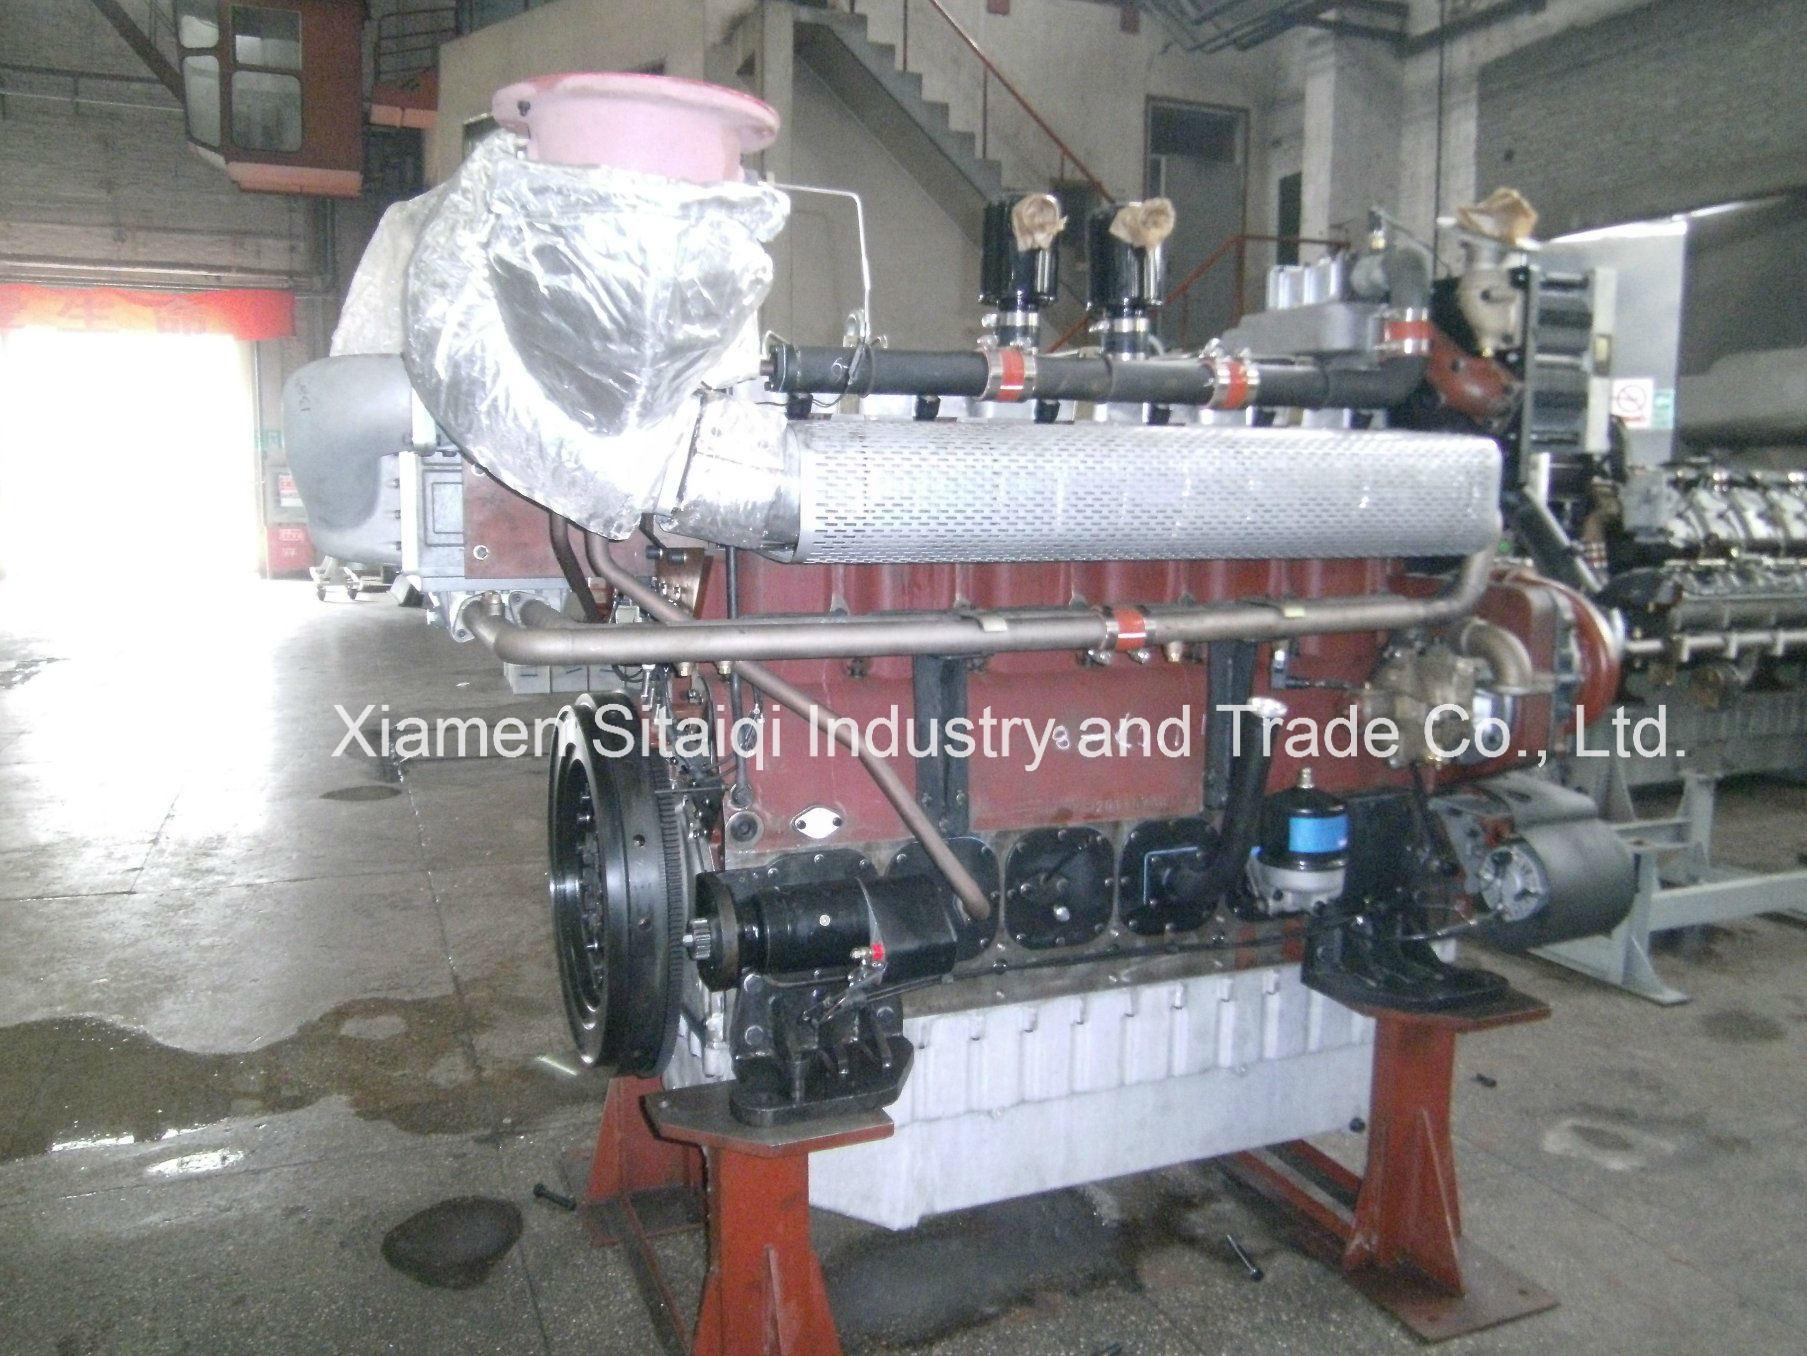 China Hnd Marine Inboard Engine For Ship Vessel Boat V6 V8 V12 Wiring Harness Engines Sterndrive Outboard Diesel